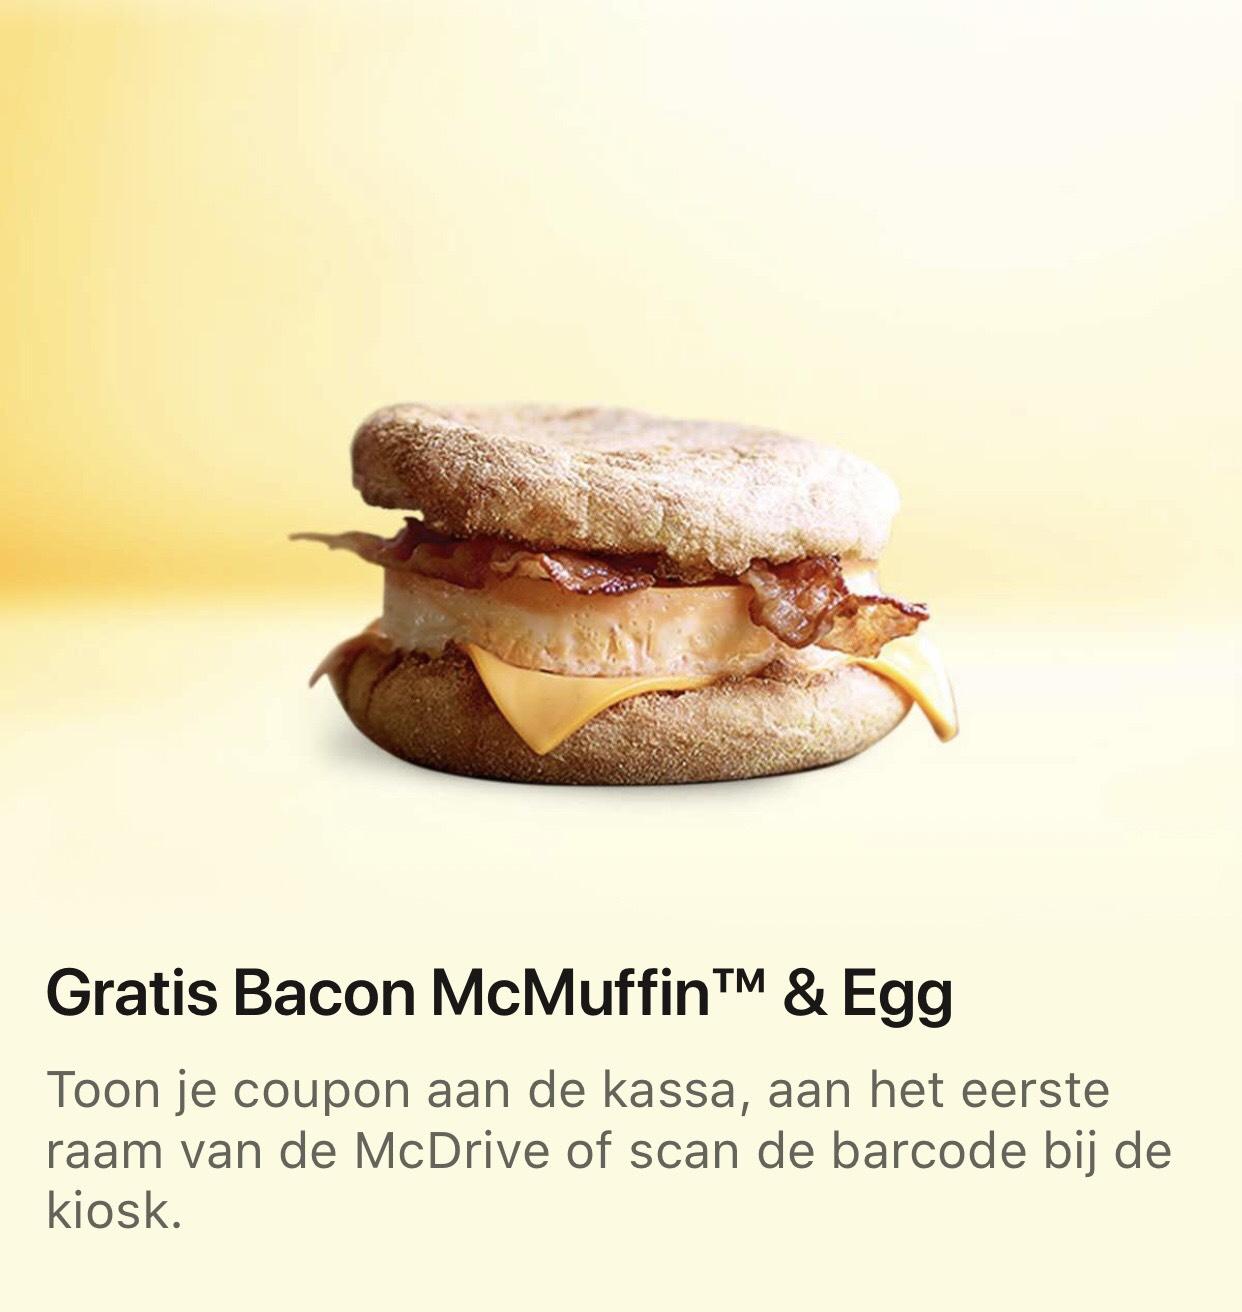 (Grensdeal BE) Gratis Bacon McMuffin & Egg @ McDonald's